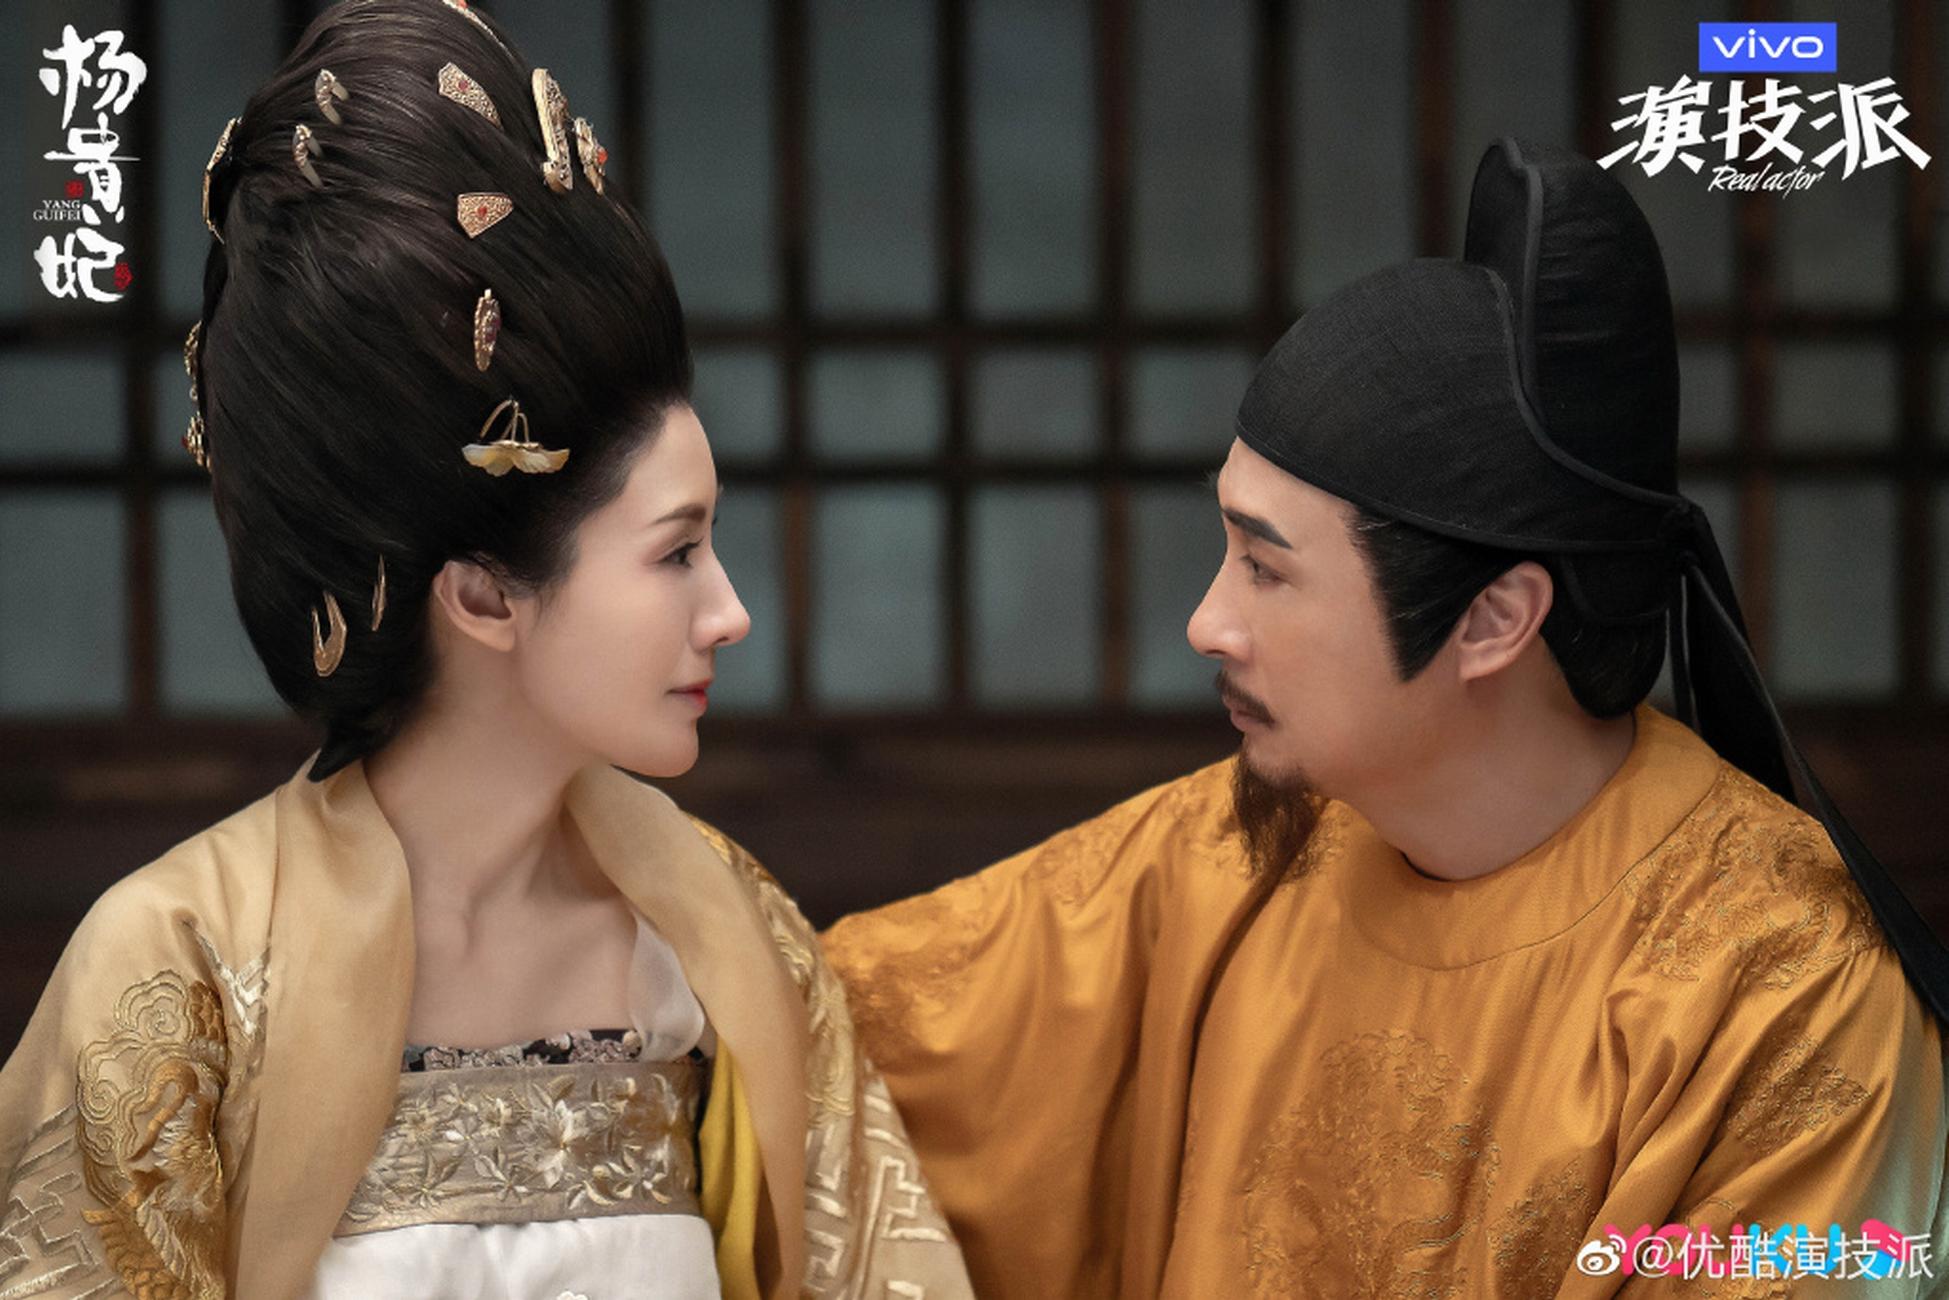 李嘉欣在《演技派》與吳鎮宇做對手戲。